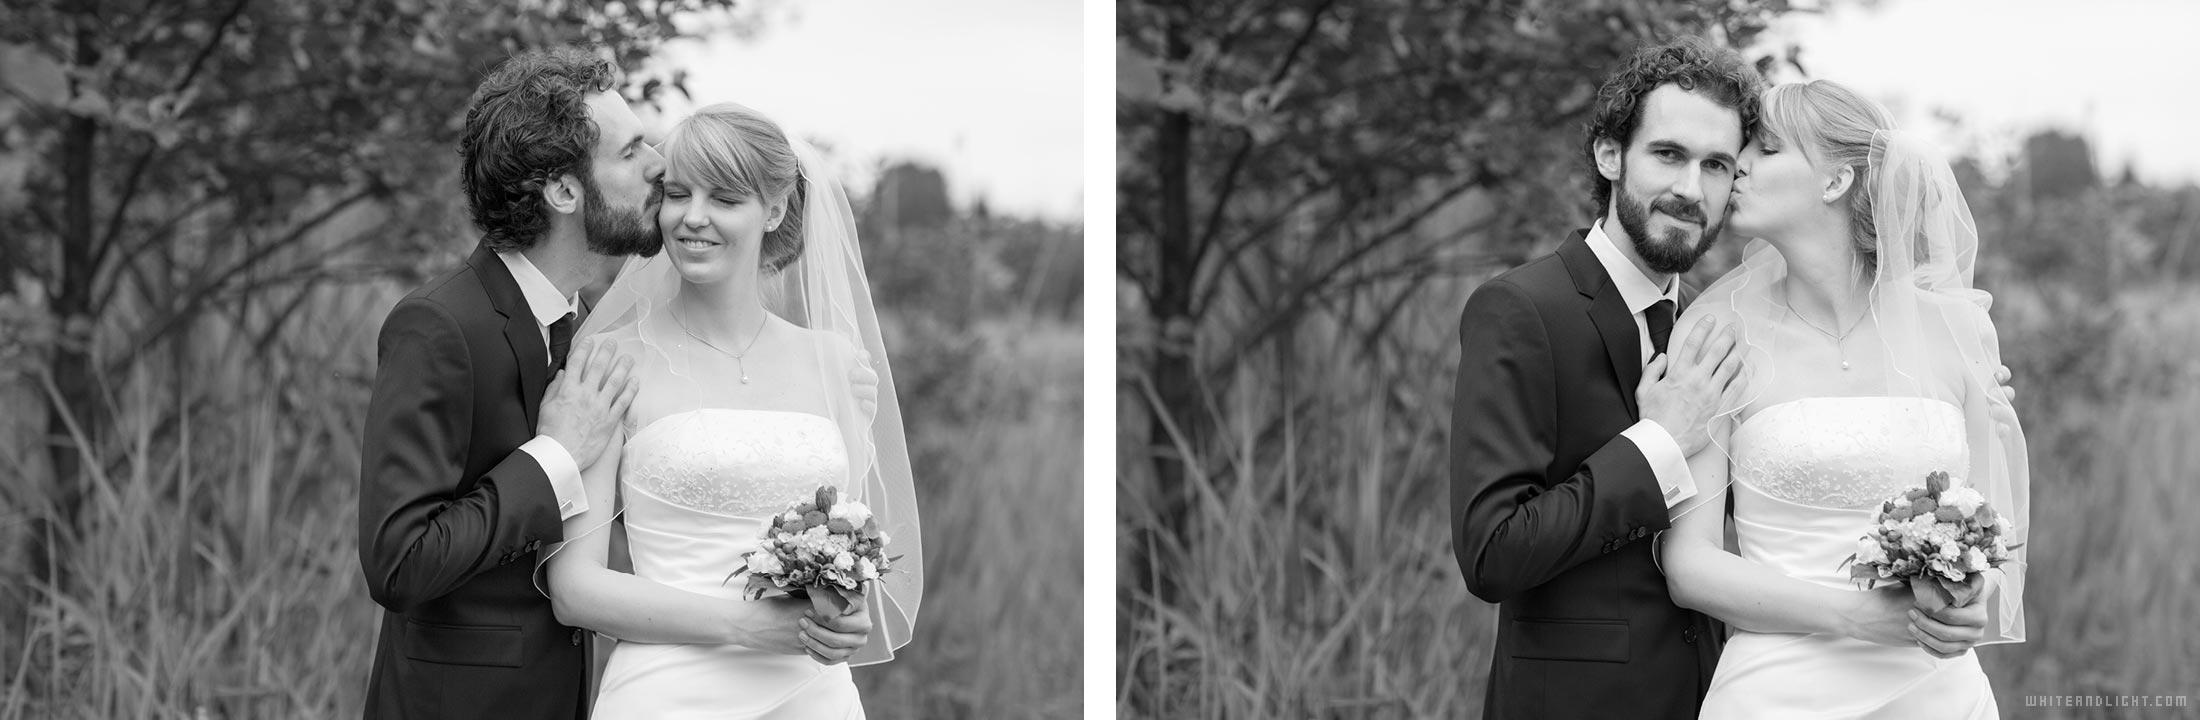 лучший свадебный фотограф в бавария